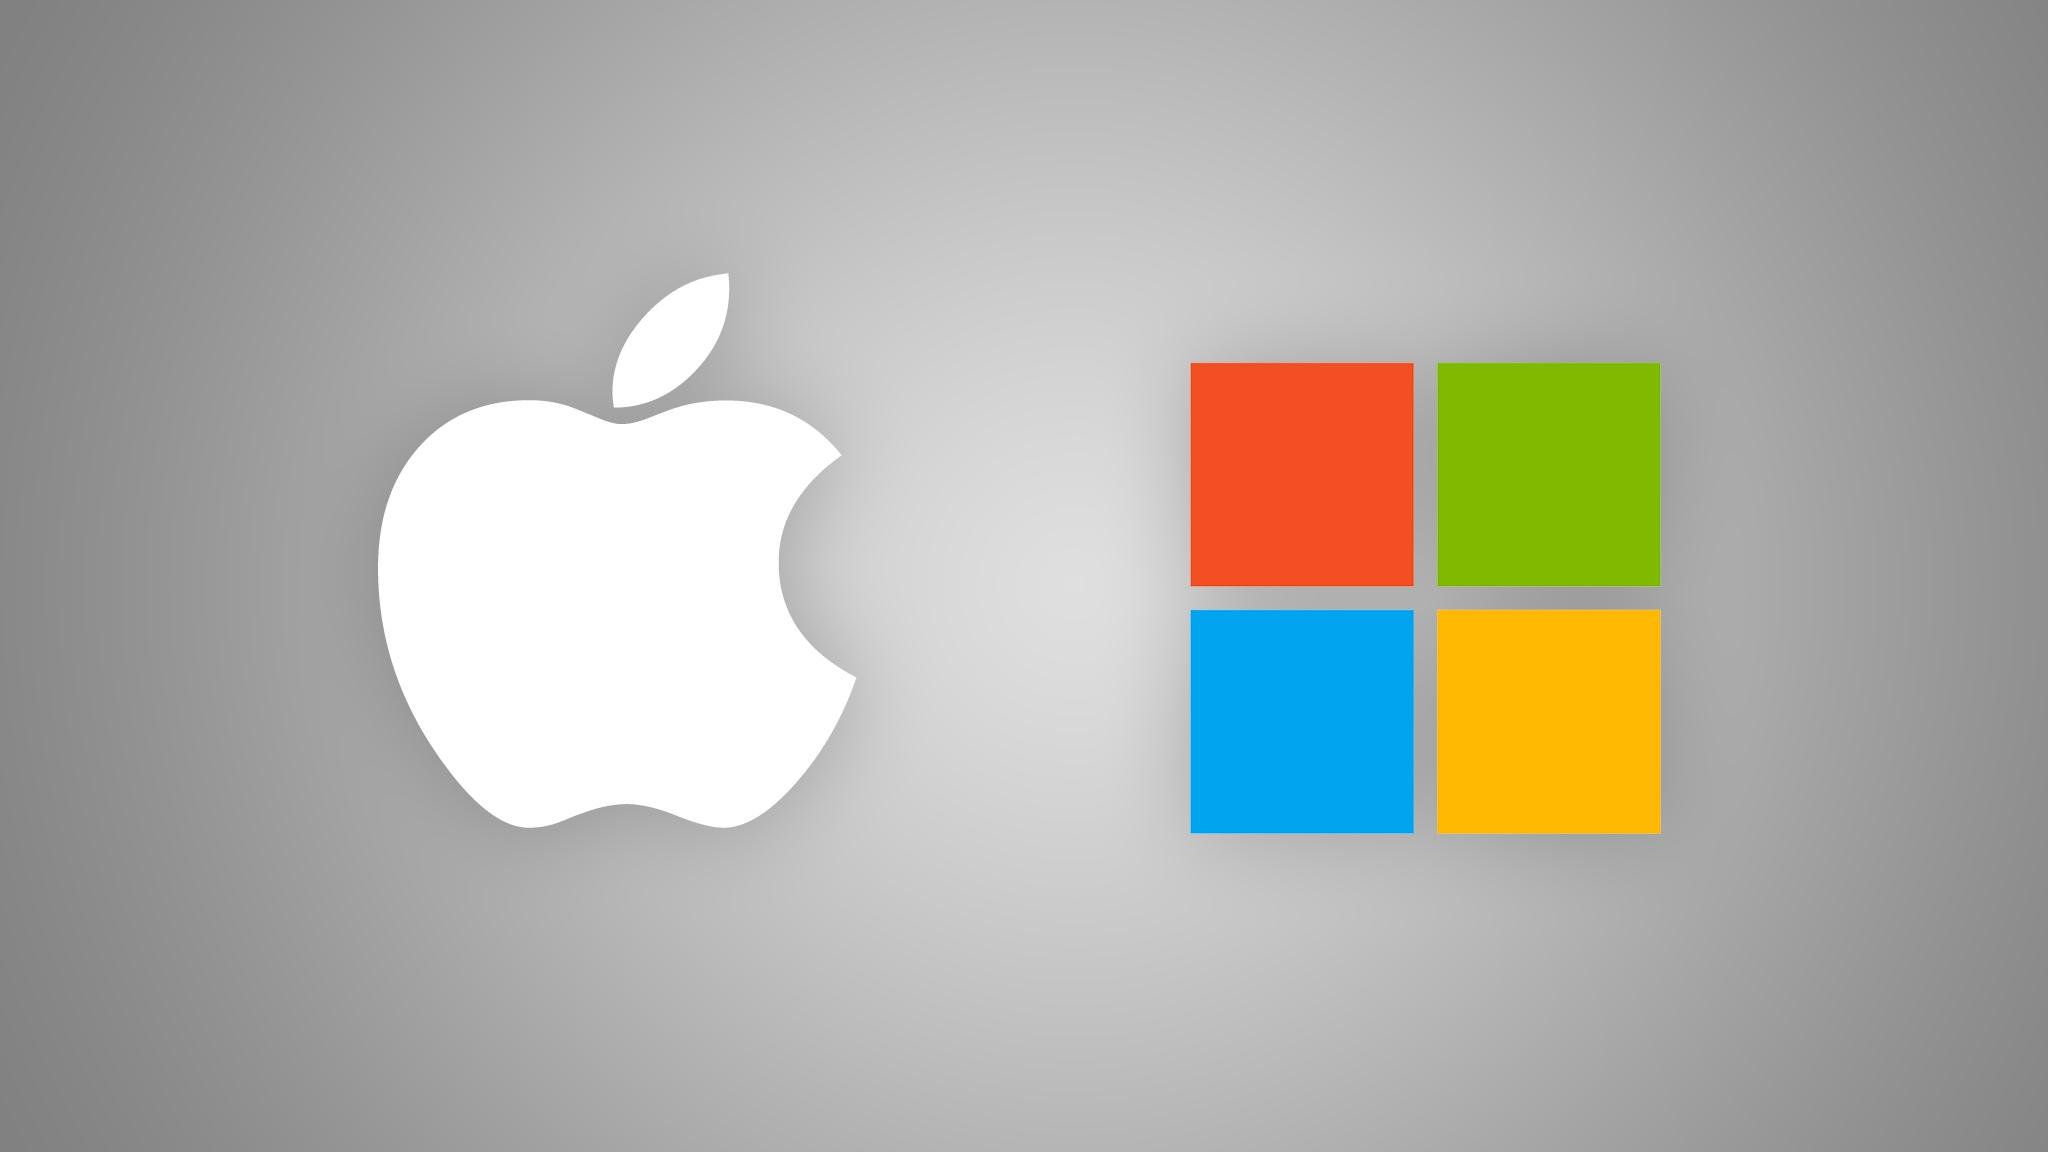 apple-vs-microsoft-fanok-cover2